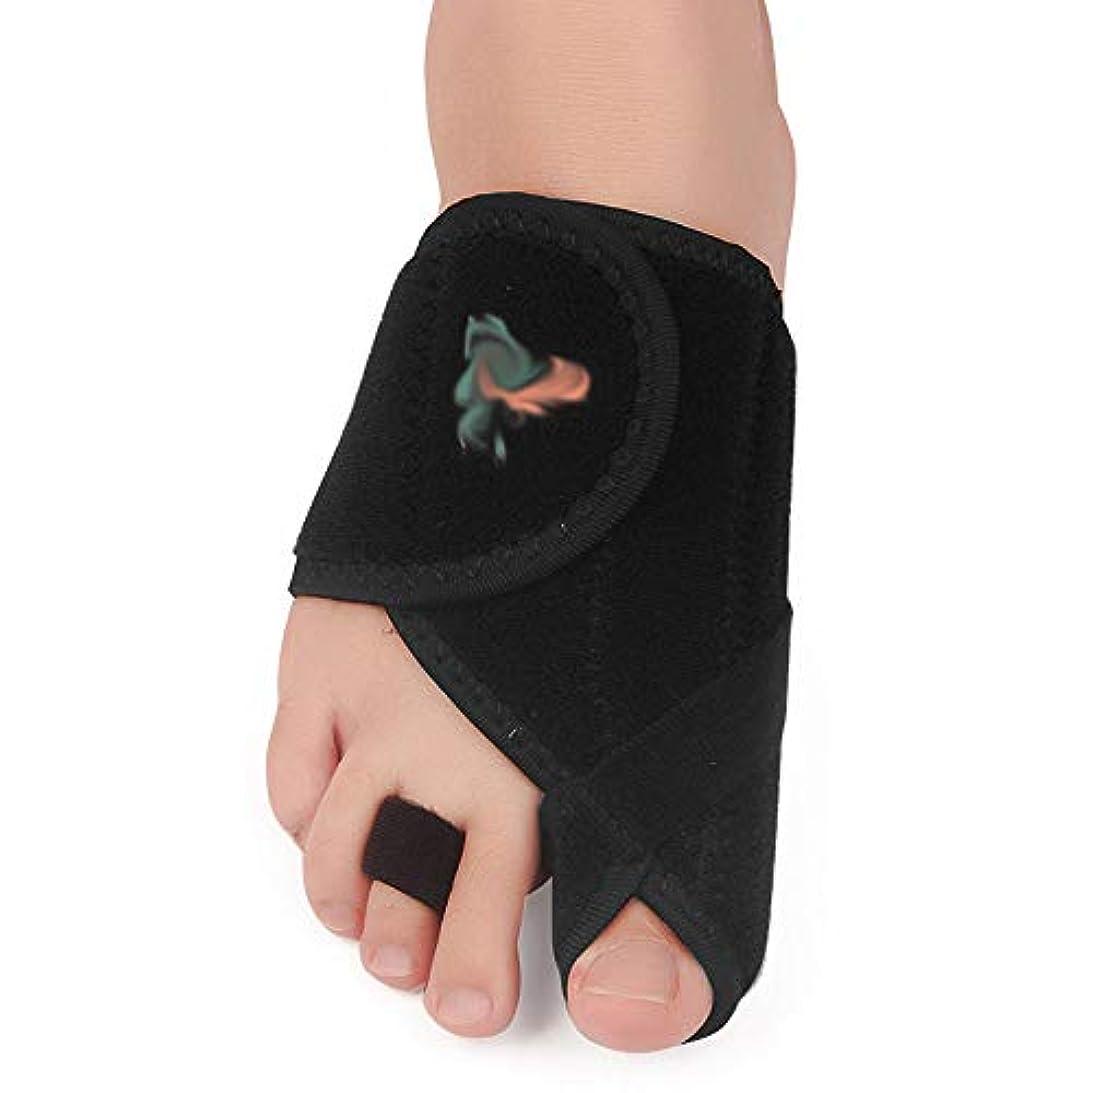 義務づける縫うマーベル外反母alignアライナー、外反母deform変形および腱膜瘤捻womanされた外反母hallスプリントは、女性と男性のつま先の炎症のために,Black-RightFoot